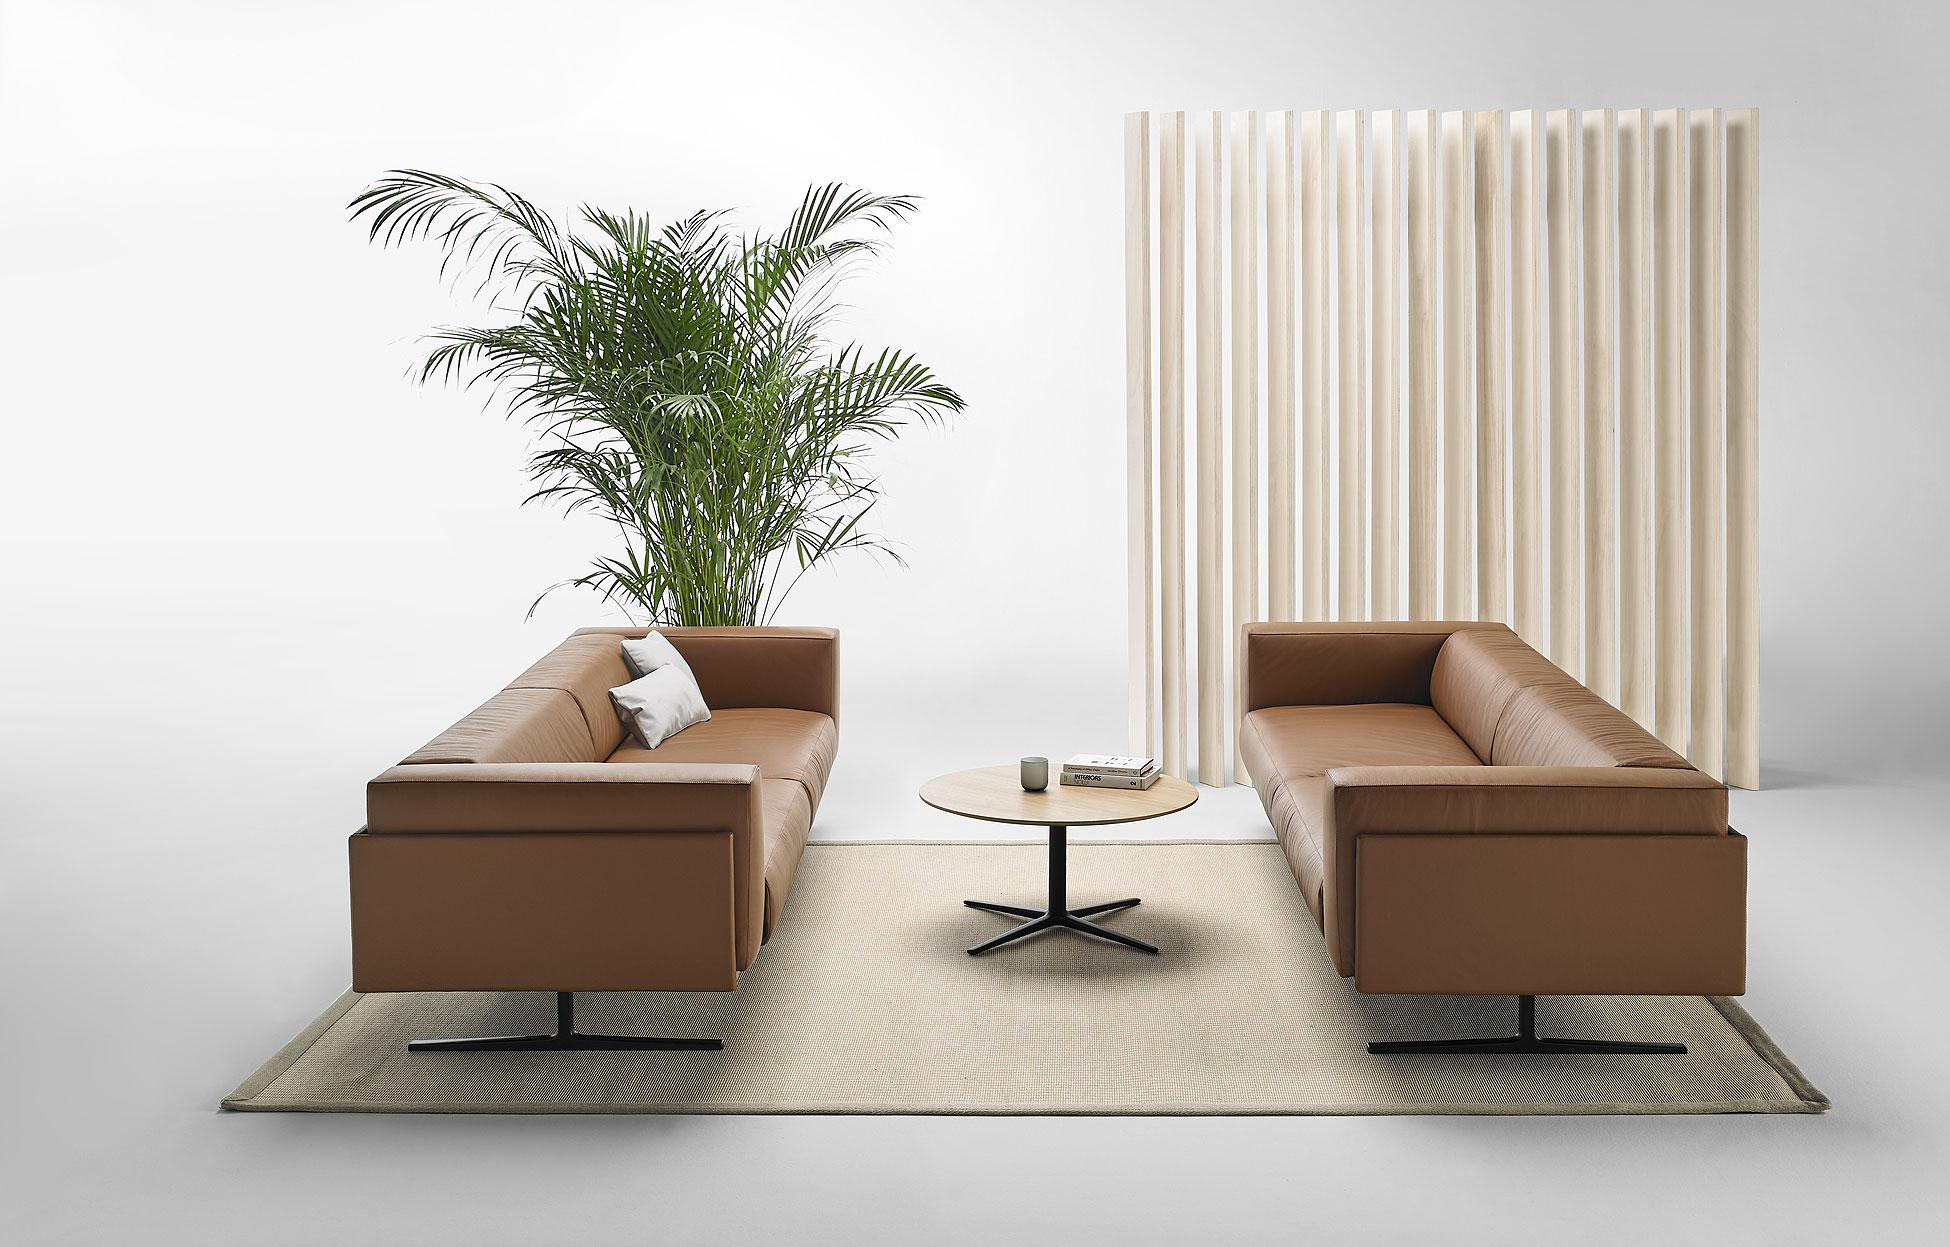 sofa modernos 2017 chocolate brown bed marcus sofás de christophe pillet e inclass